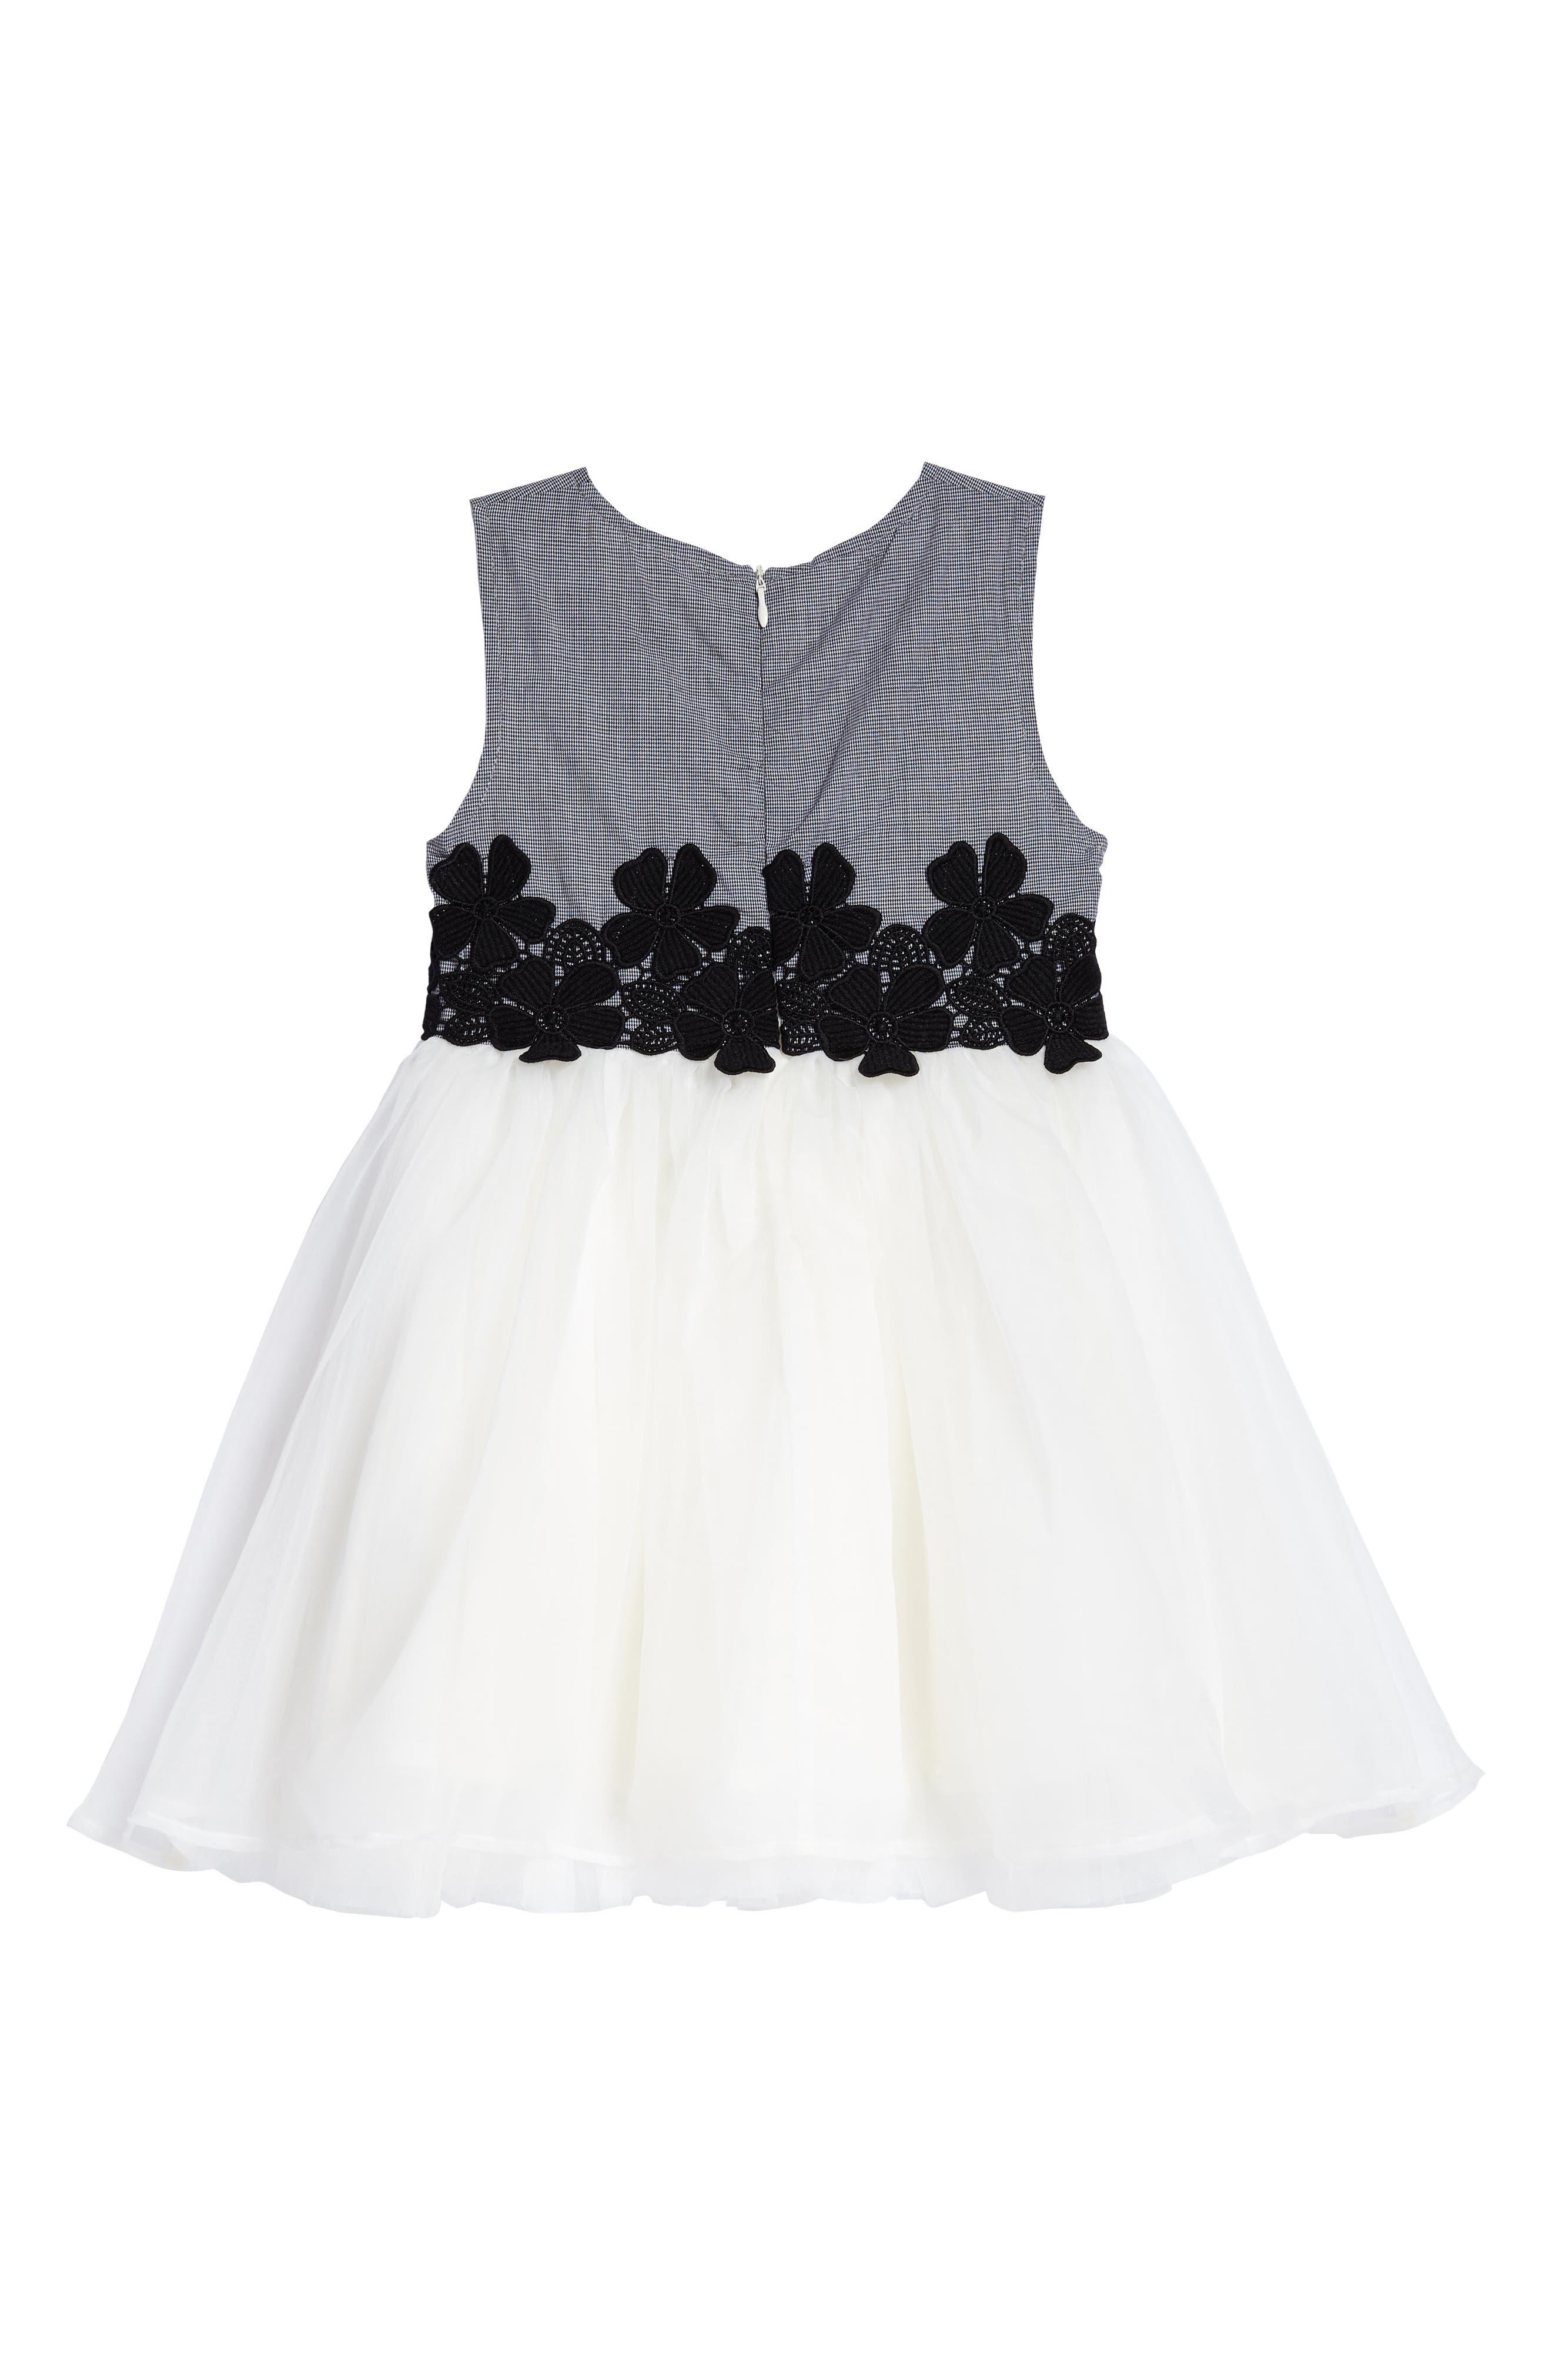 Mini Houndstooth & Tulle Dress,                             Alternate thumbnail 2, color,                             Black/ White